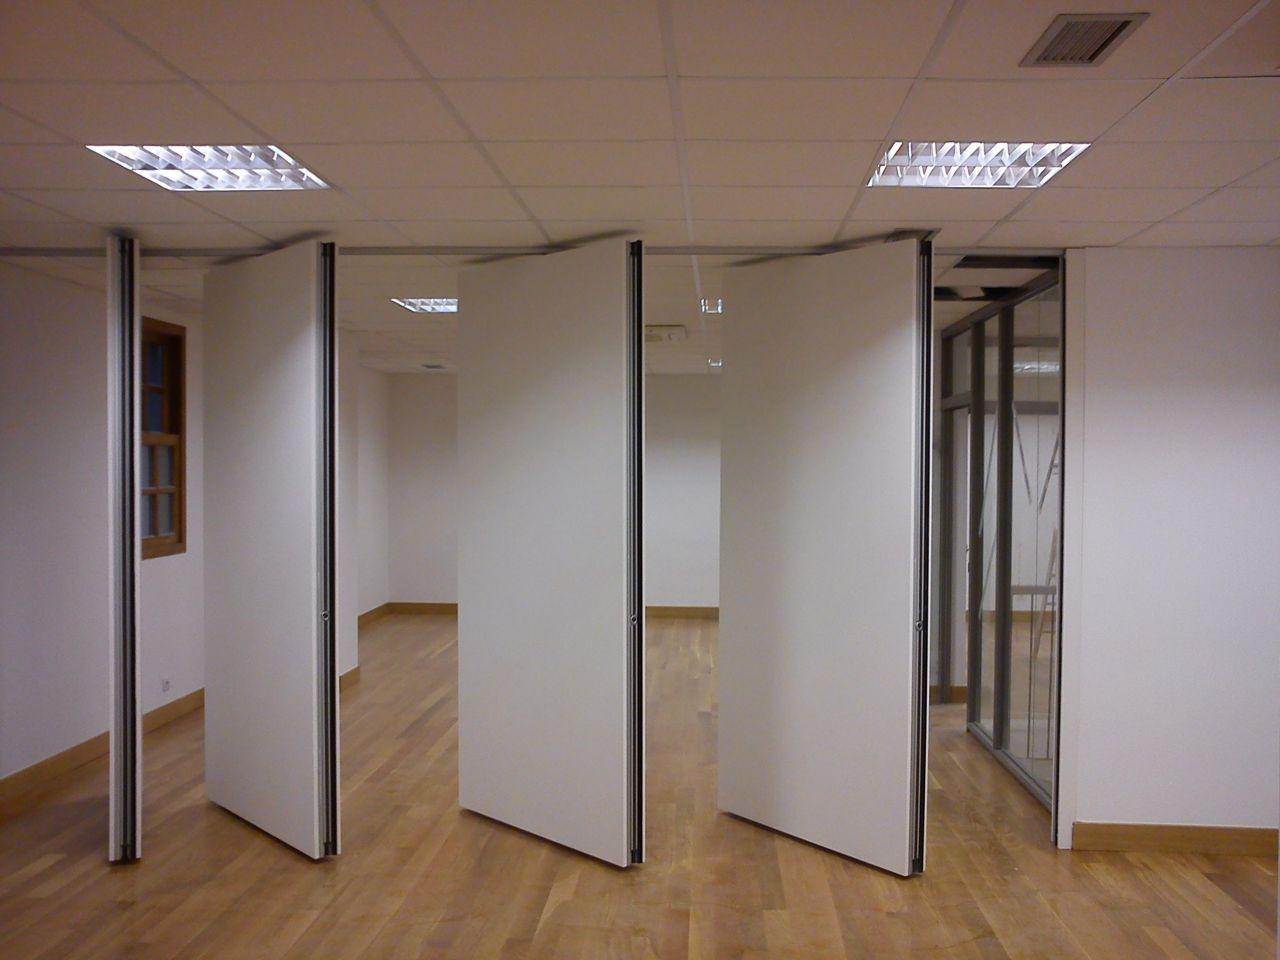 Aislar paredes insonorizar paredes otras estancias placas - Puertas correderas y plegables ...